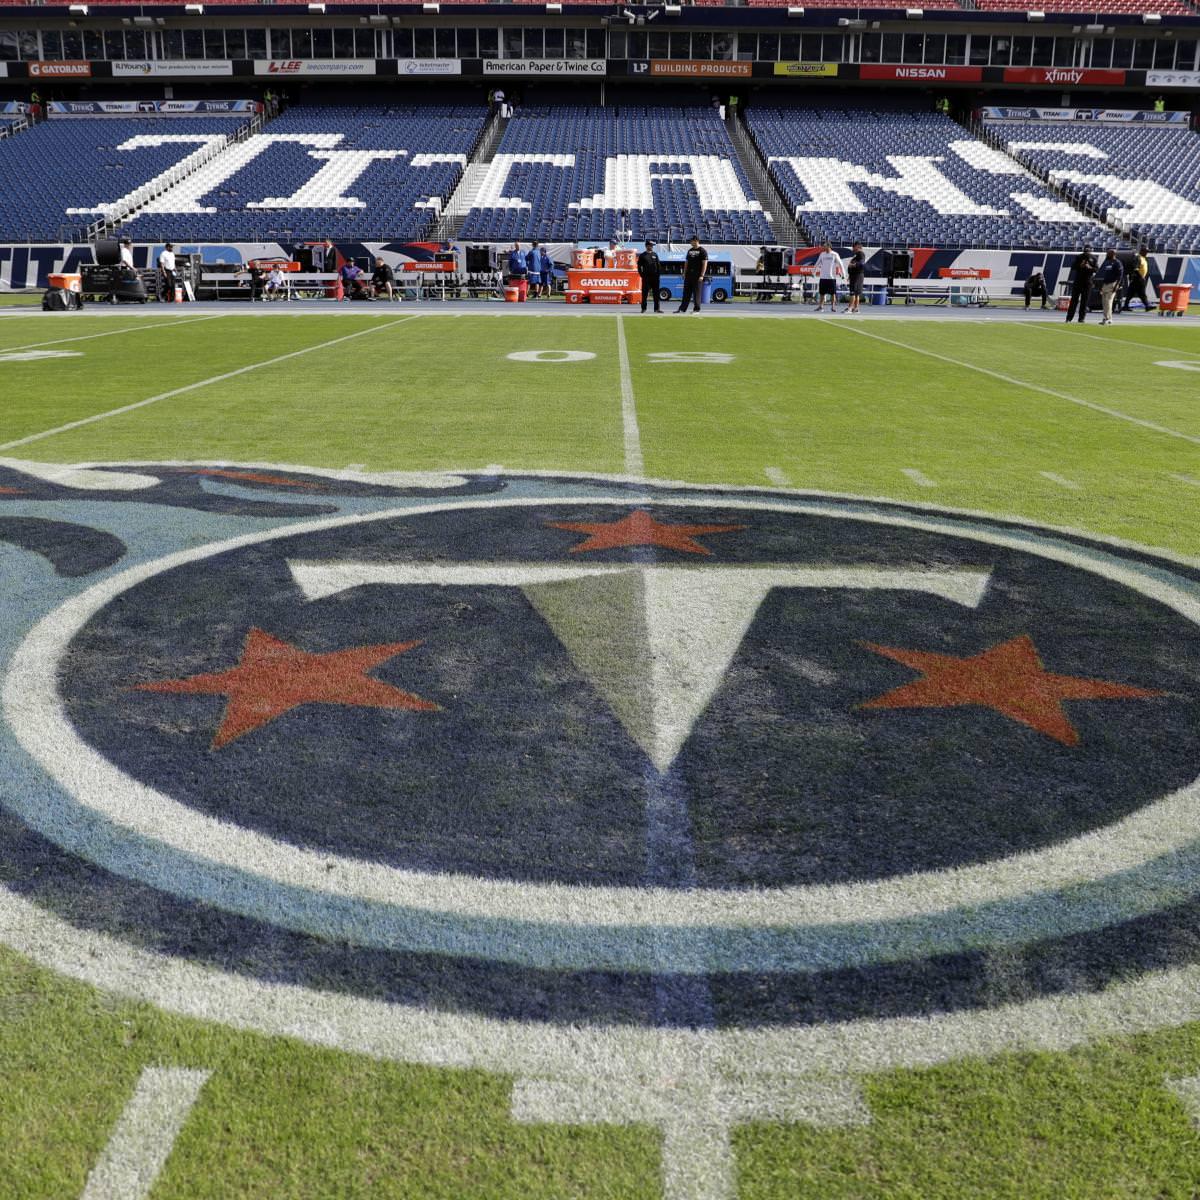 Relatório: Titãs enfrentam uma possível multa após investigação da NFL no surto de COVID-19